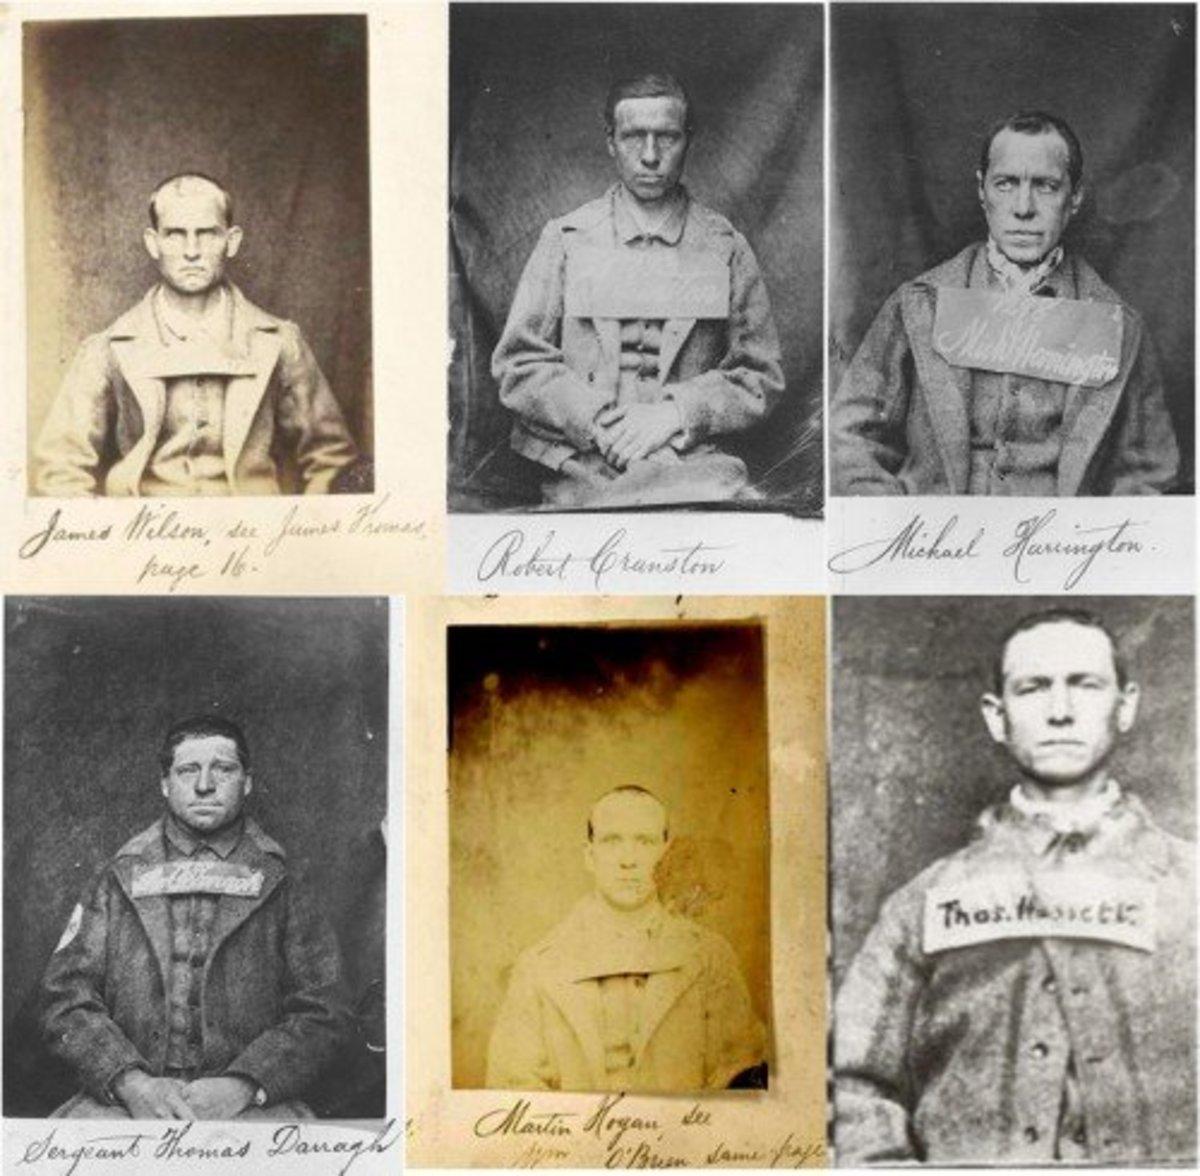 The Six Fenian Prisons